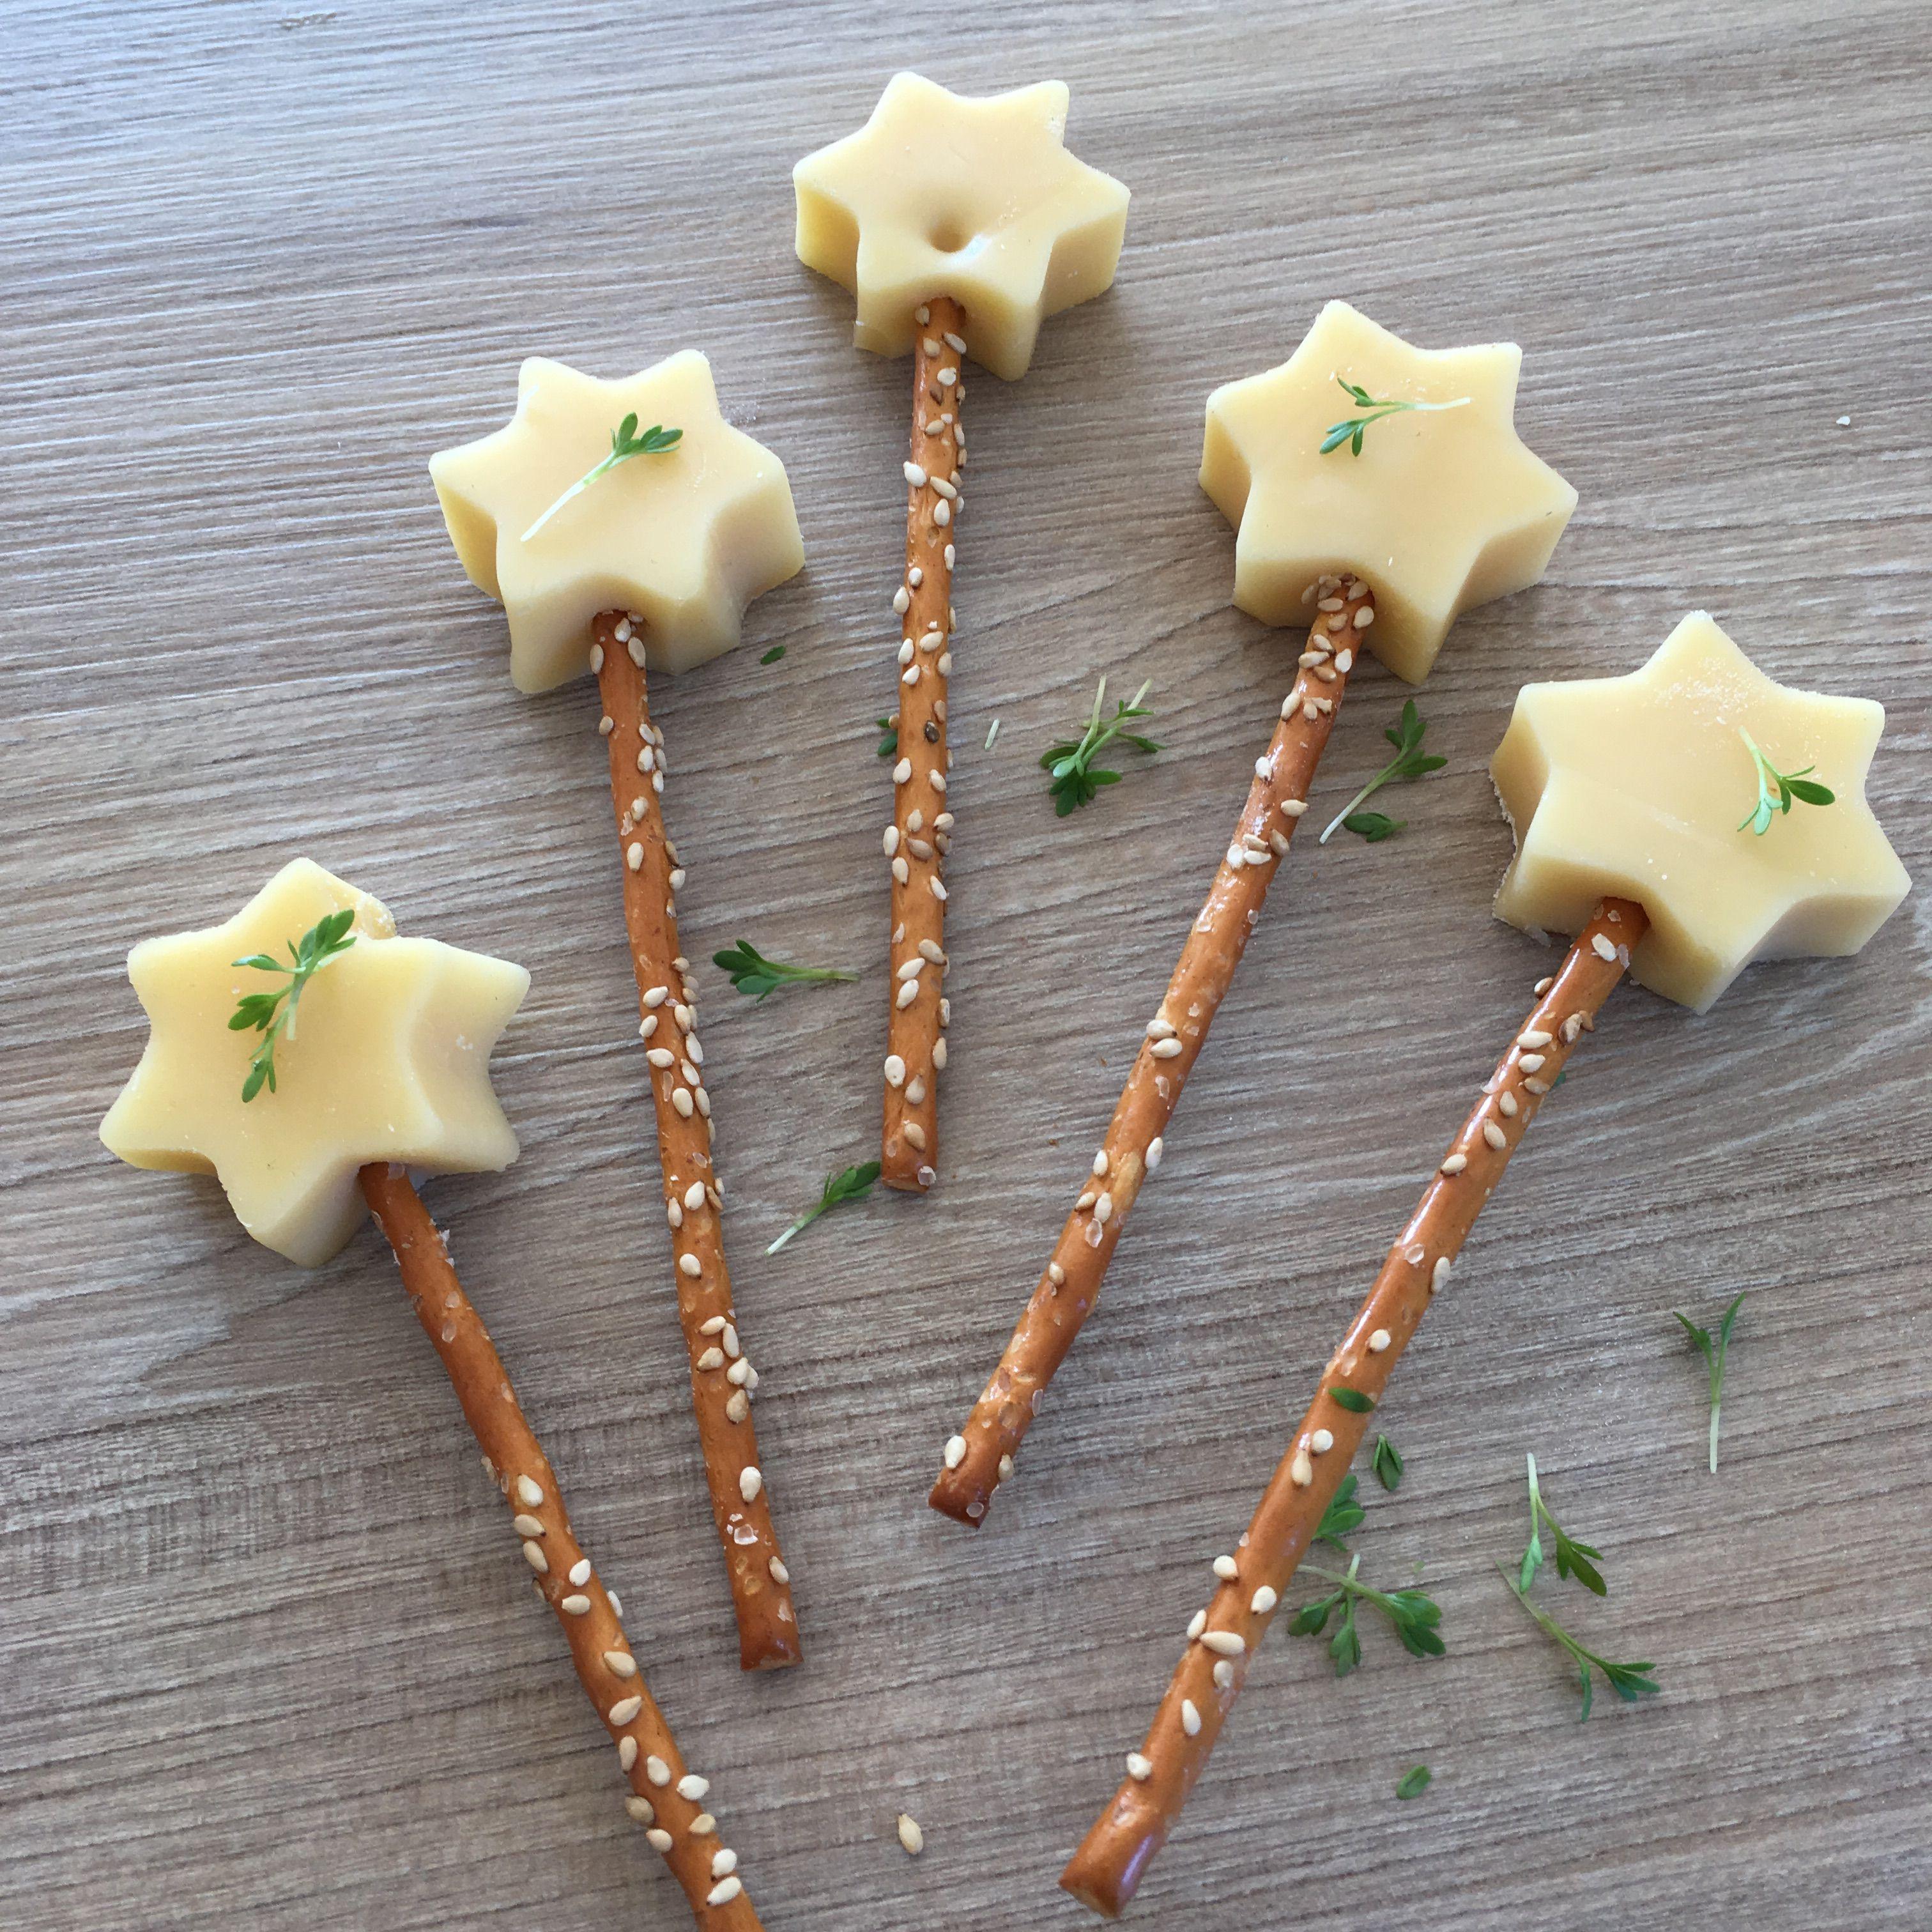 zauberhafte und verhexte Last-Minute Ideen fürs Faschingsbuffet #lastminuteweihnachtsgeschenke